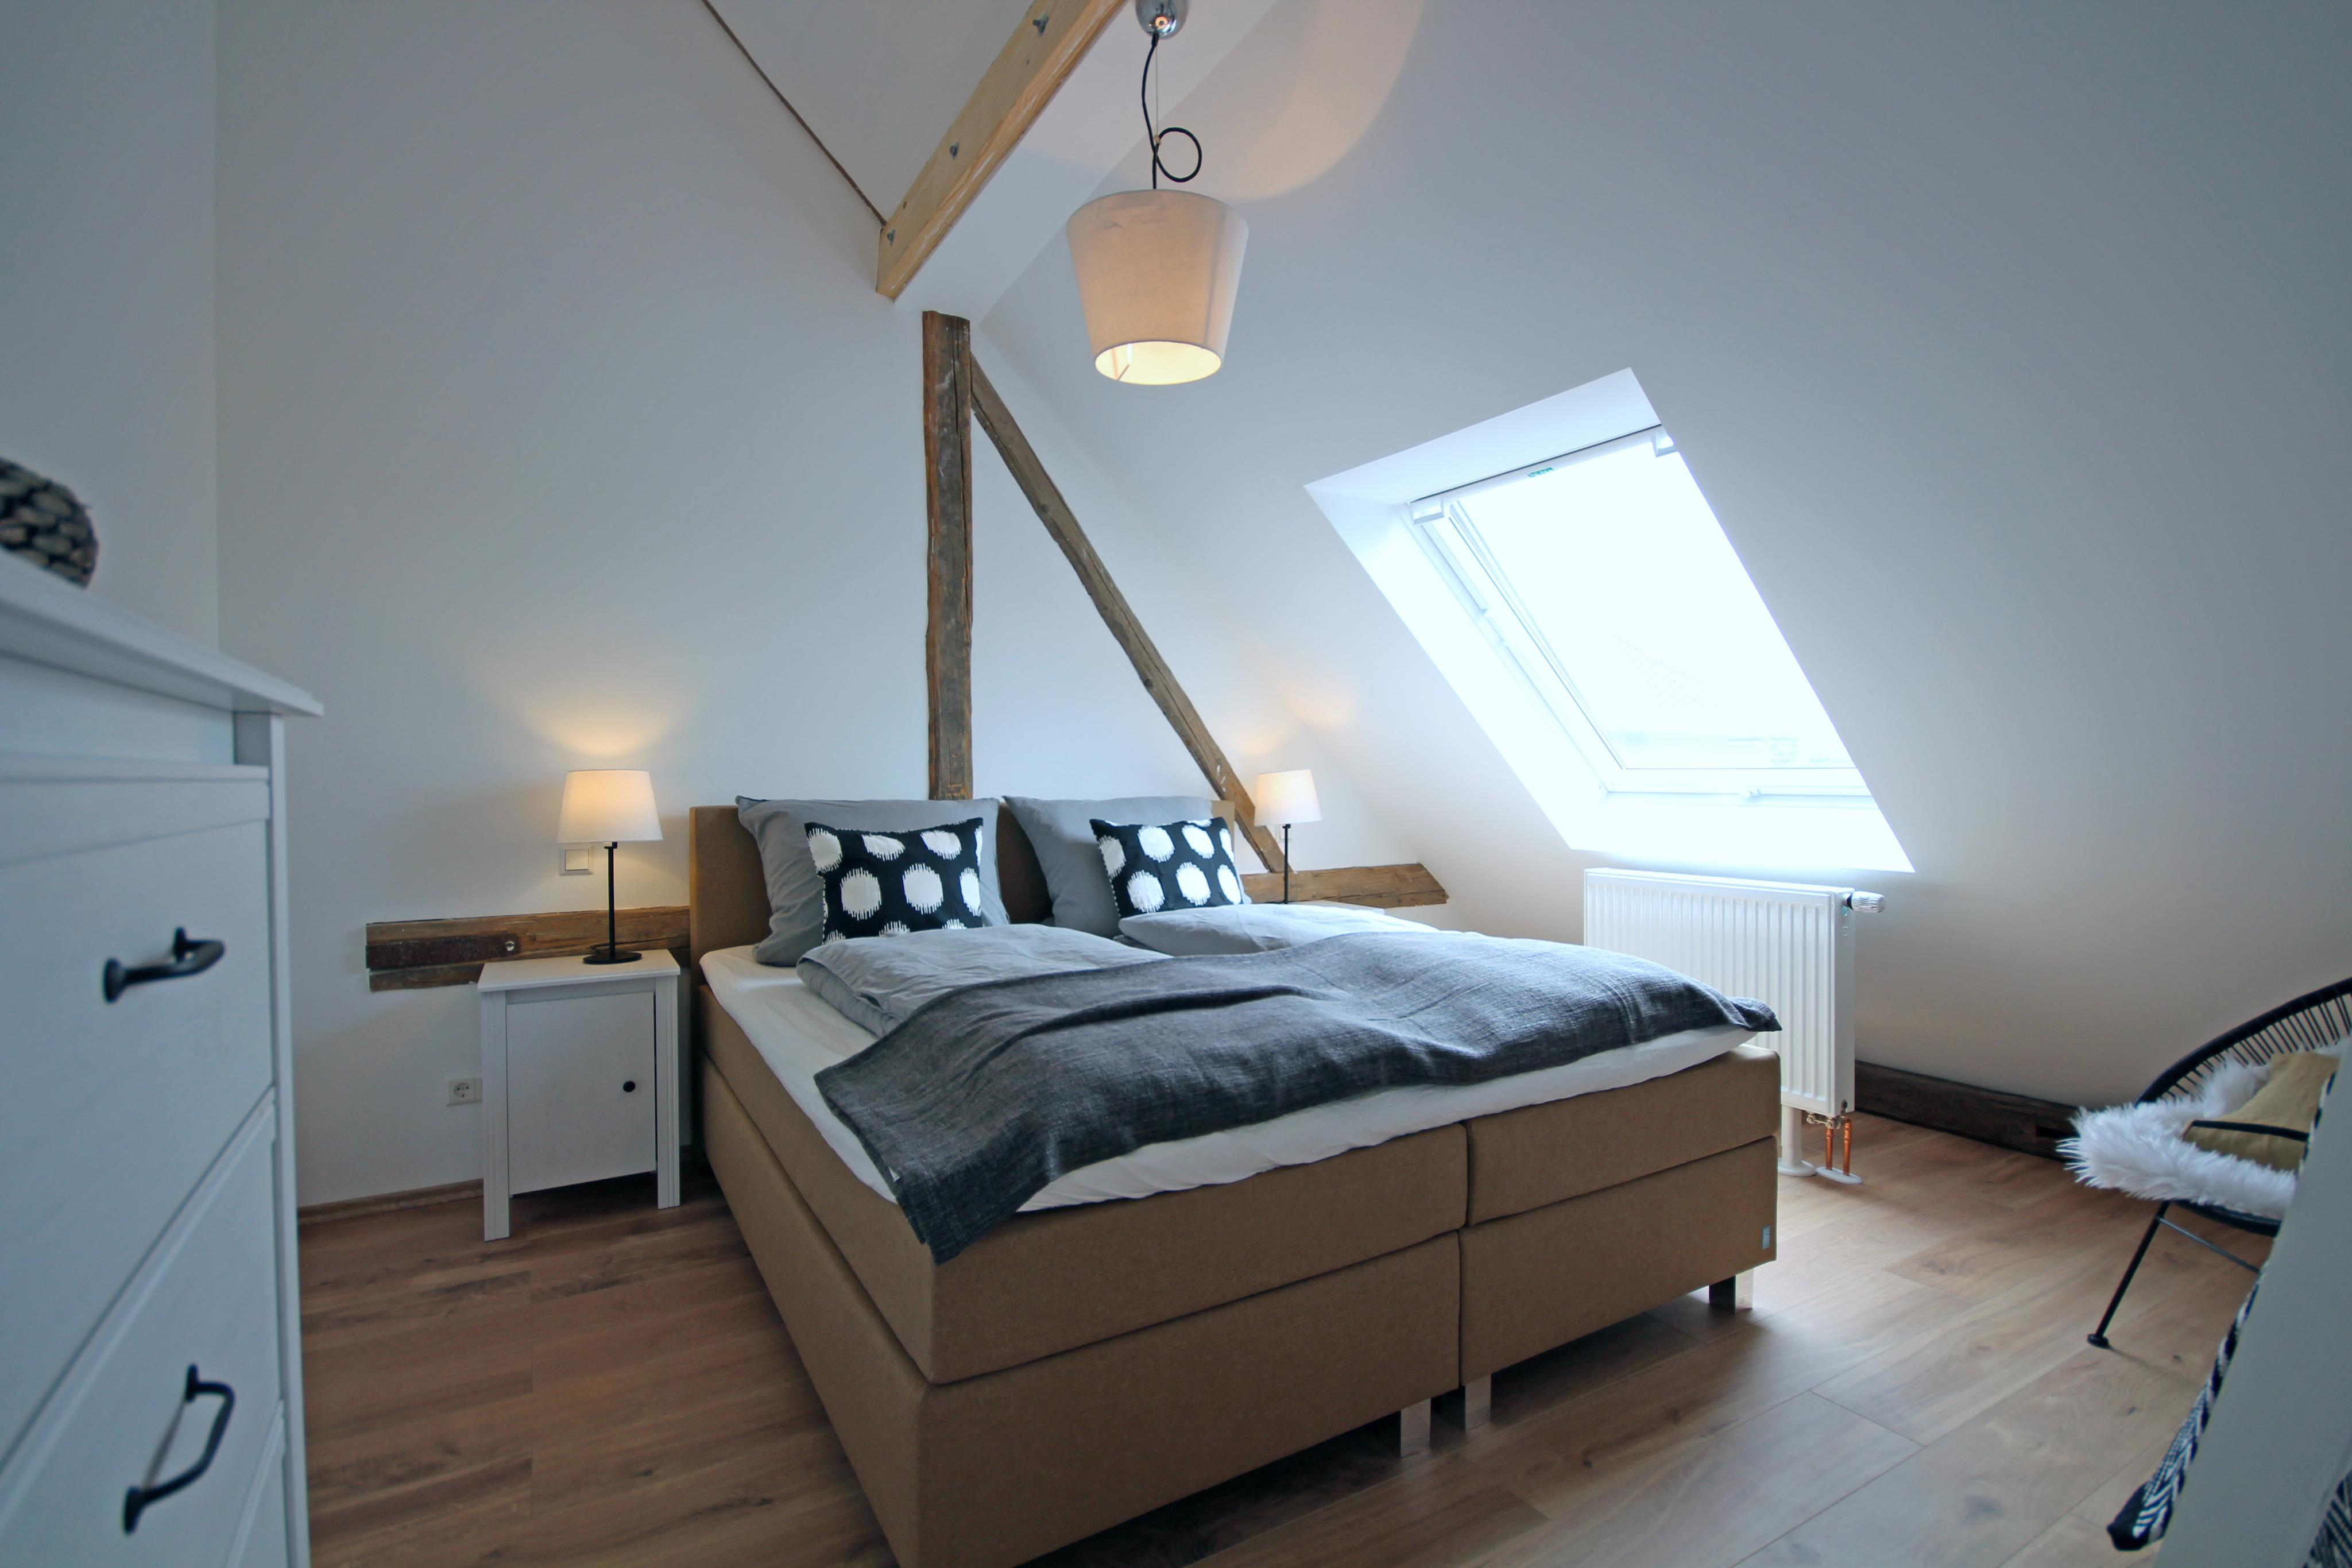 #Schlafzimmer #Skandistyle #SchwarzWeiß #Dachschräge